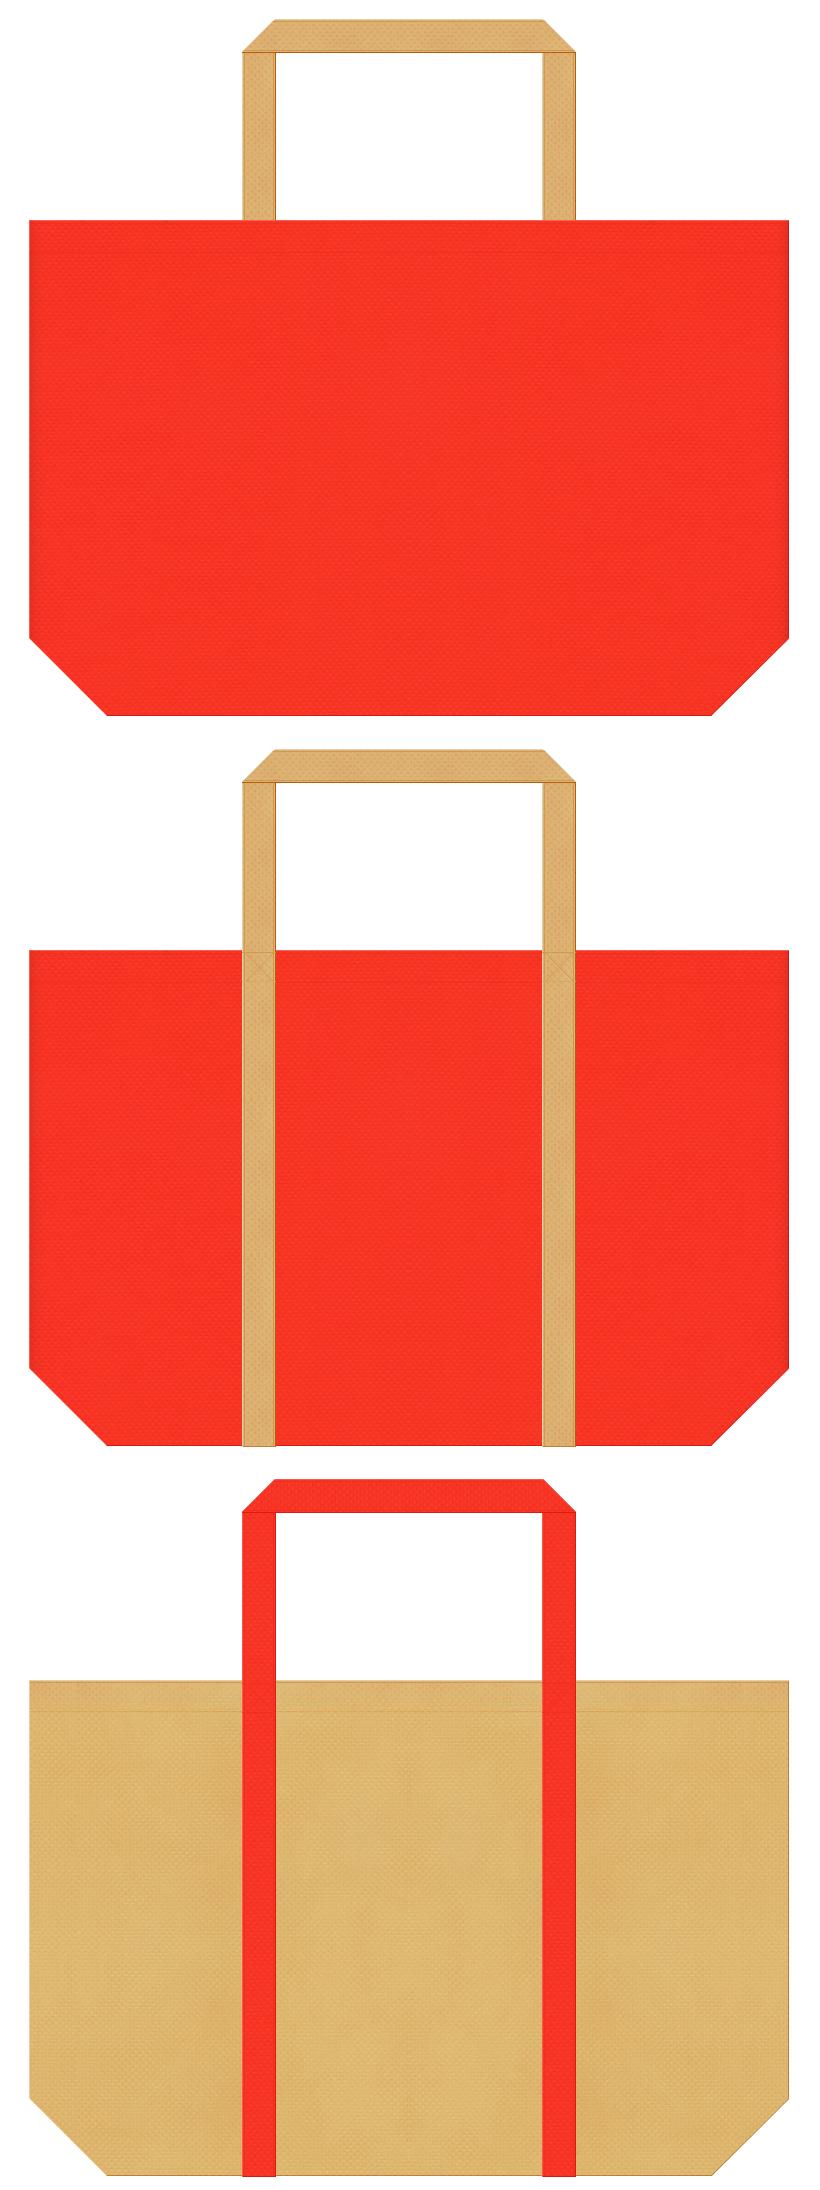 絵本・じゃがいも・にんじん・キッチン・レシピ・オニオンスープ・サラダ油・調味料・パスタ・お料理教室・ランチバッグにお奨めの不織布バッグデザイン:オレンジ色と薄黄土色のコーデ